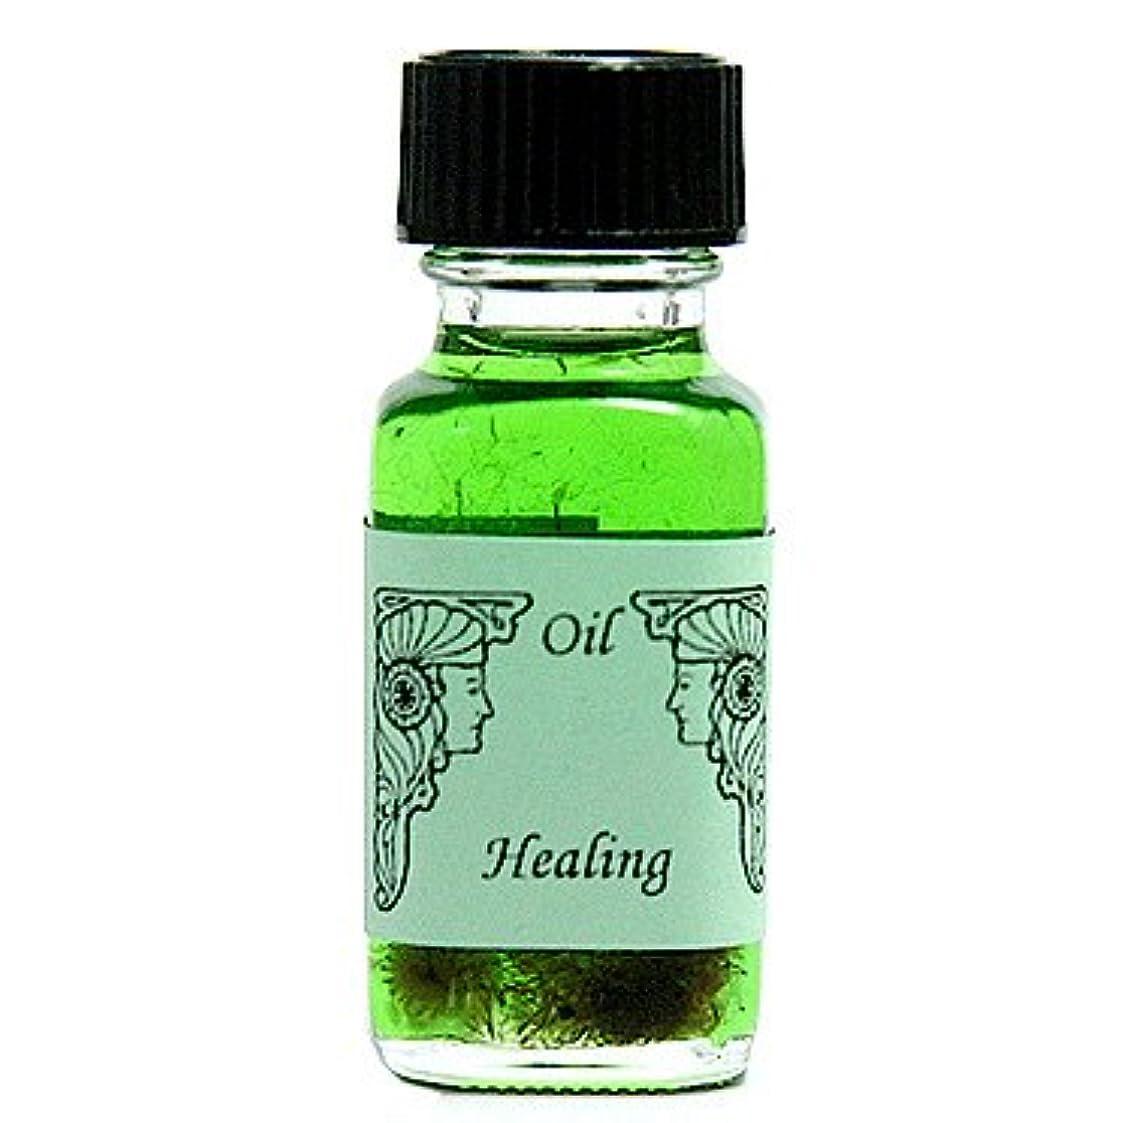 接触化学者おめでとうアンシェントメモリーオイル ヒーリング (癒し) 15ml (Ancient Memory Oils)